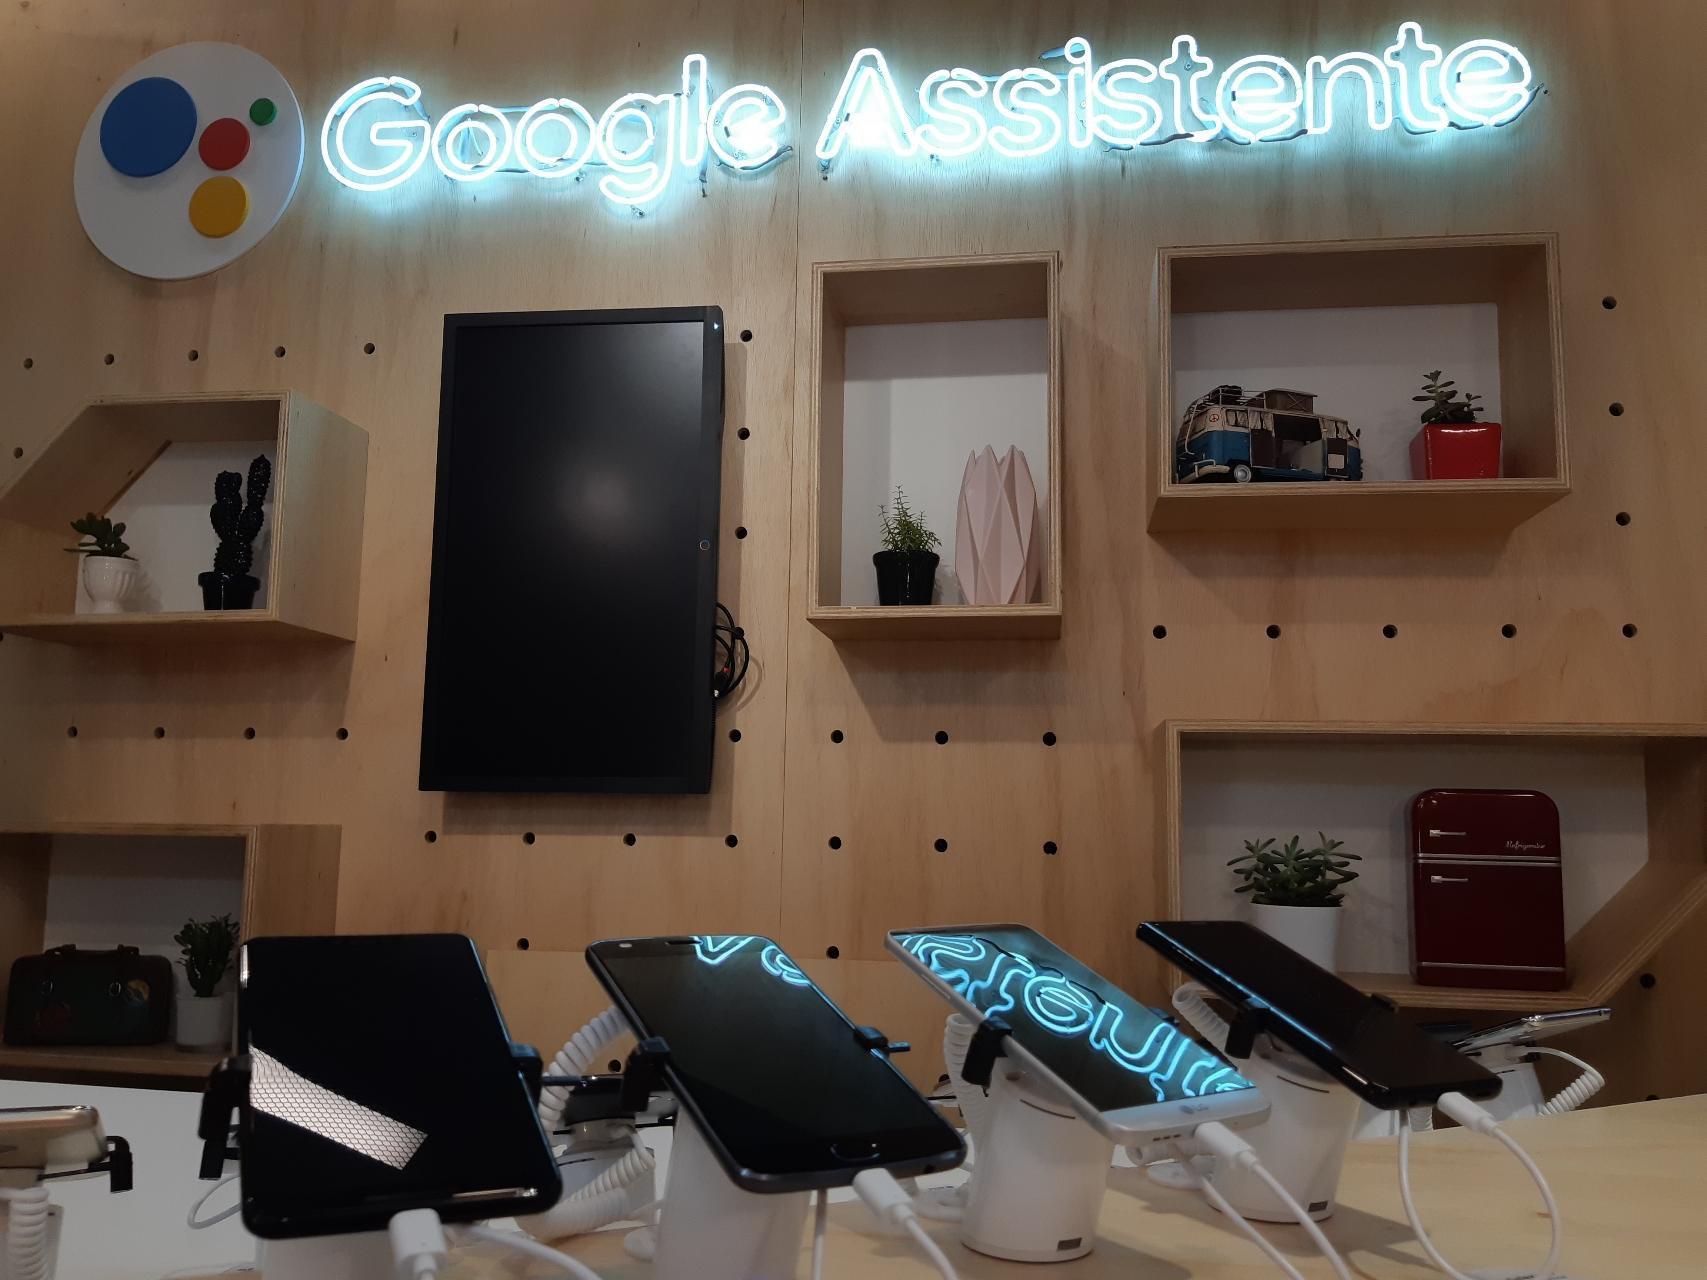 O Google Assistente Lab, no prédio Google Campus (São Paulo)